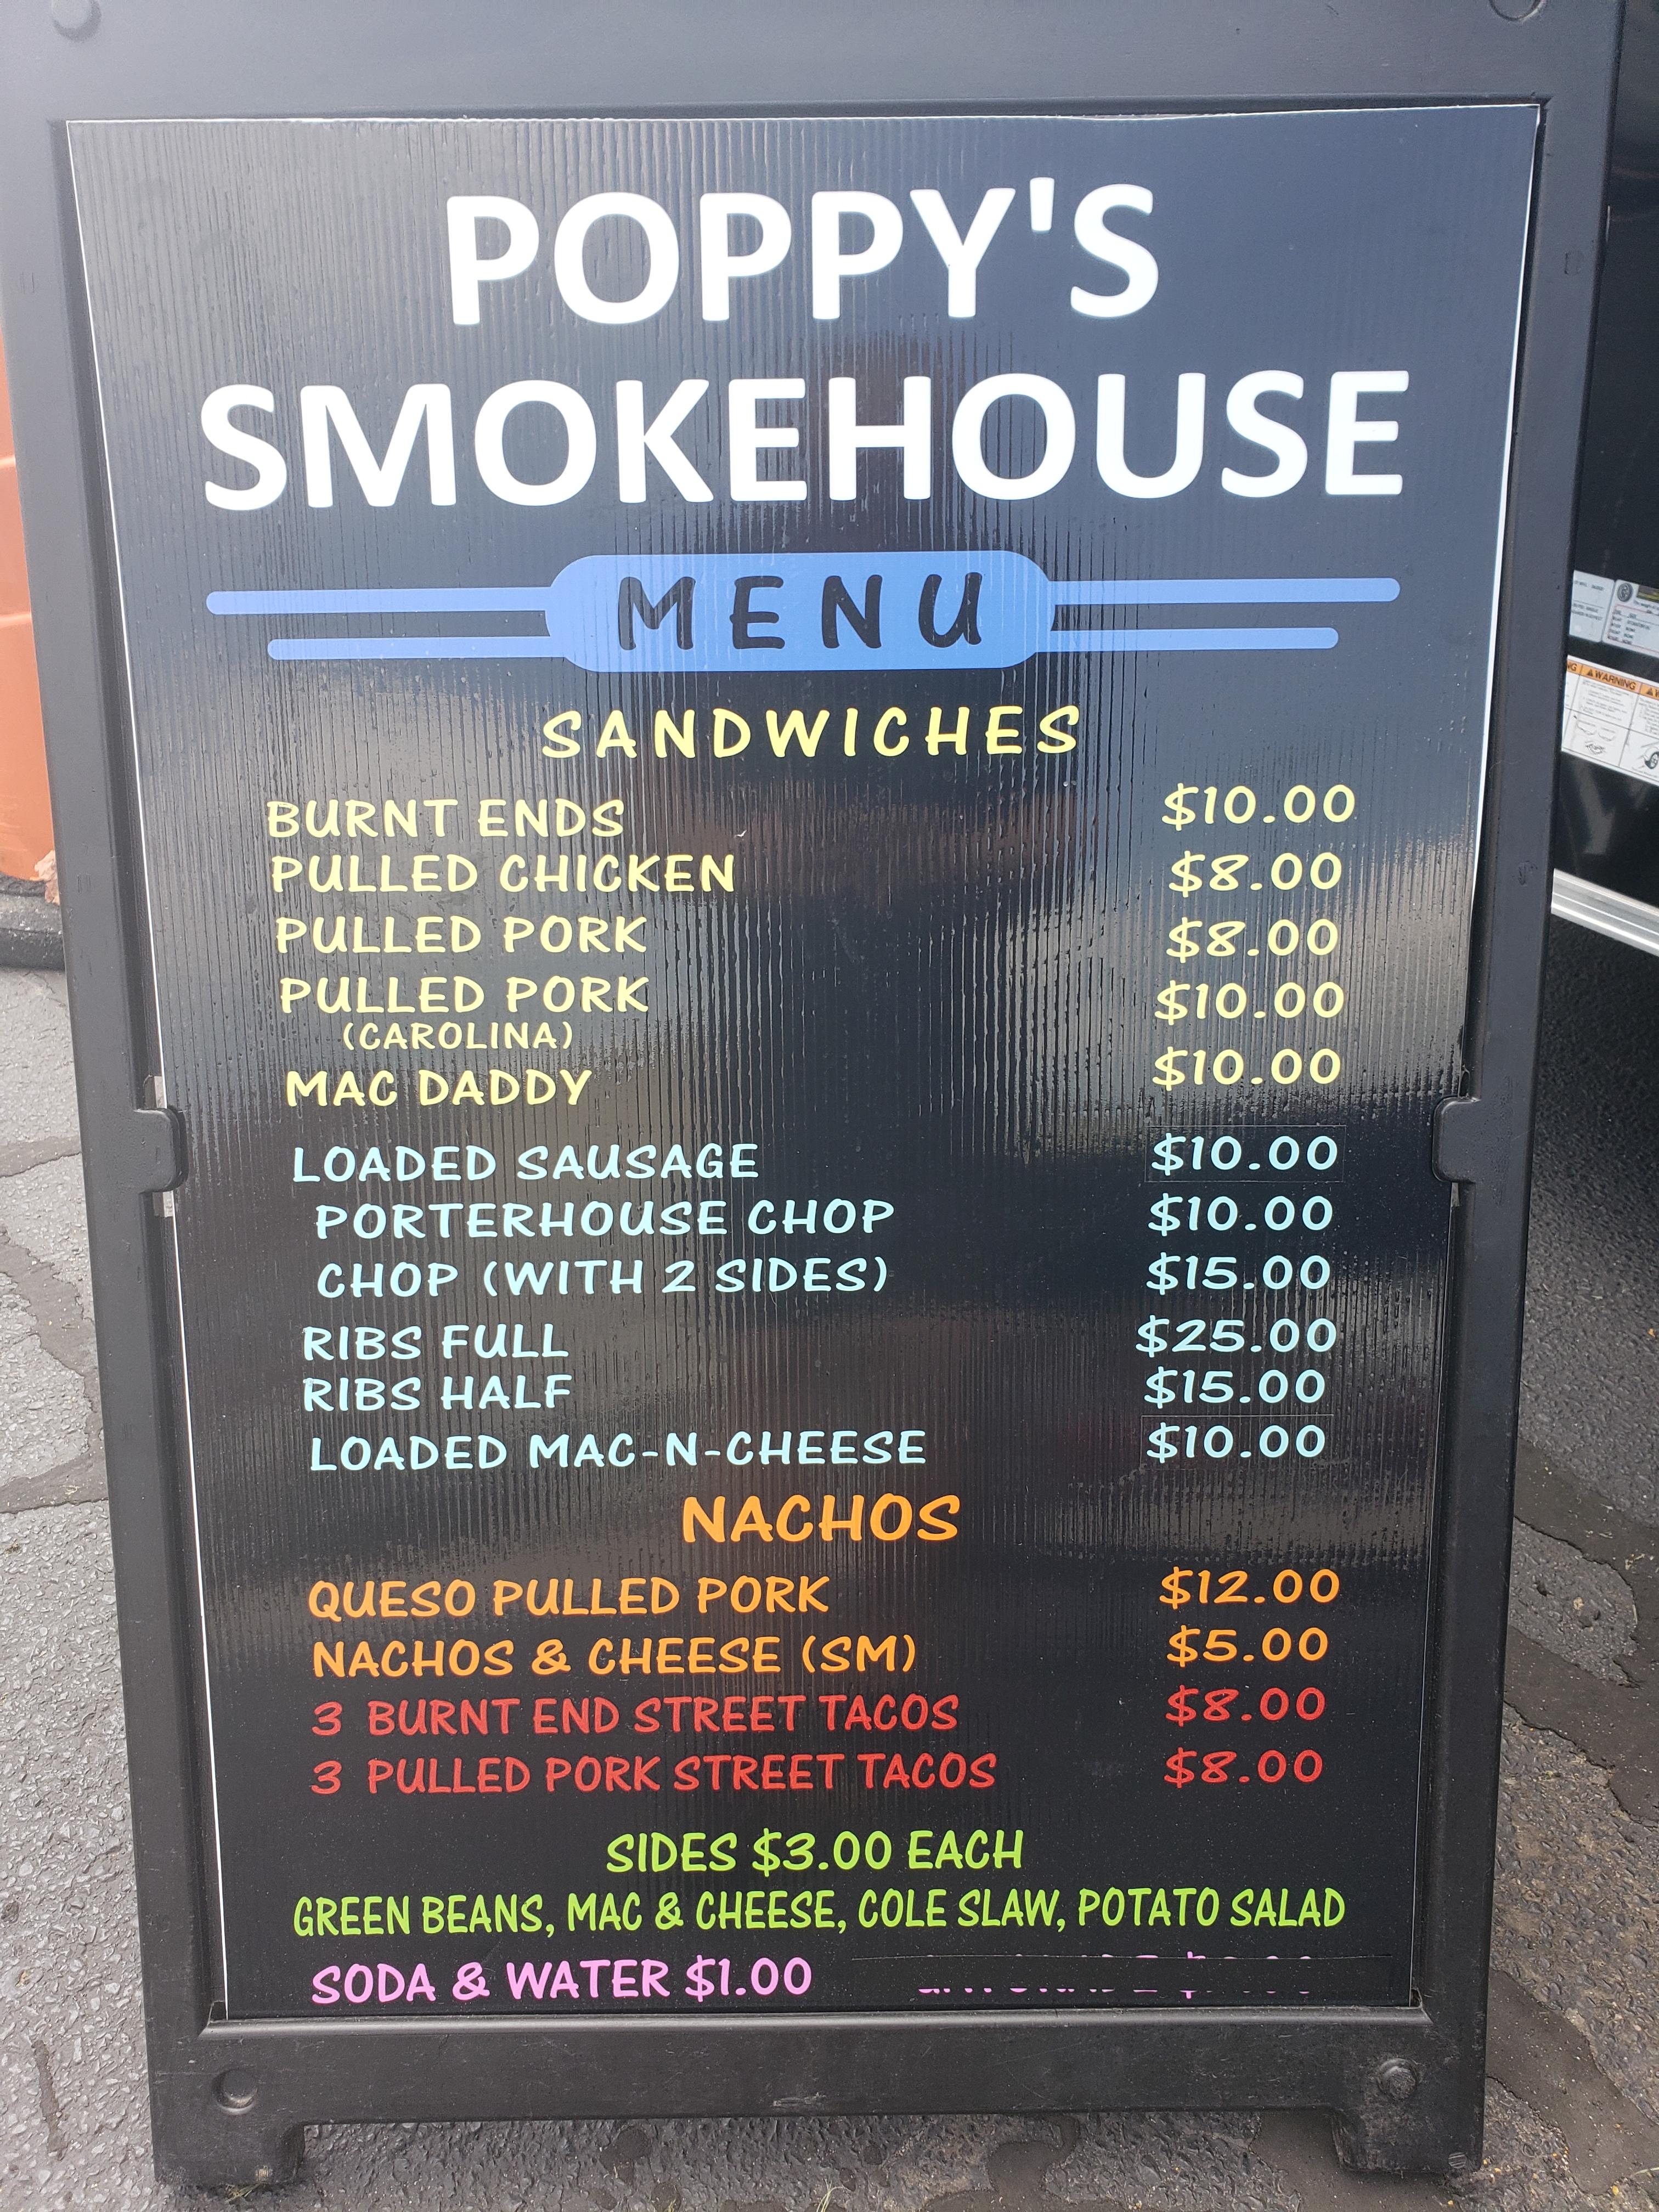 20210730_152210 - Poppy's Smokehouse